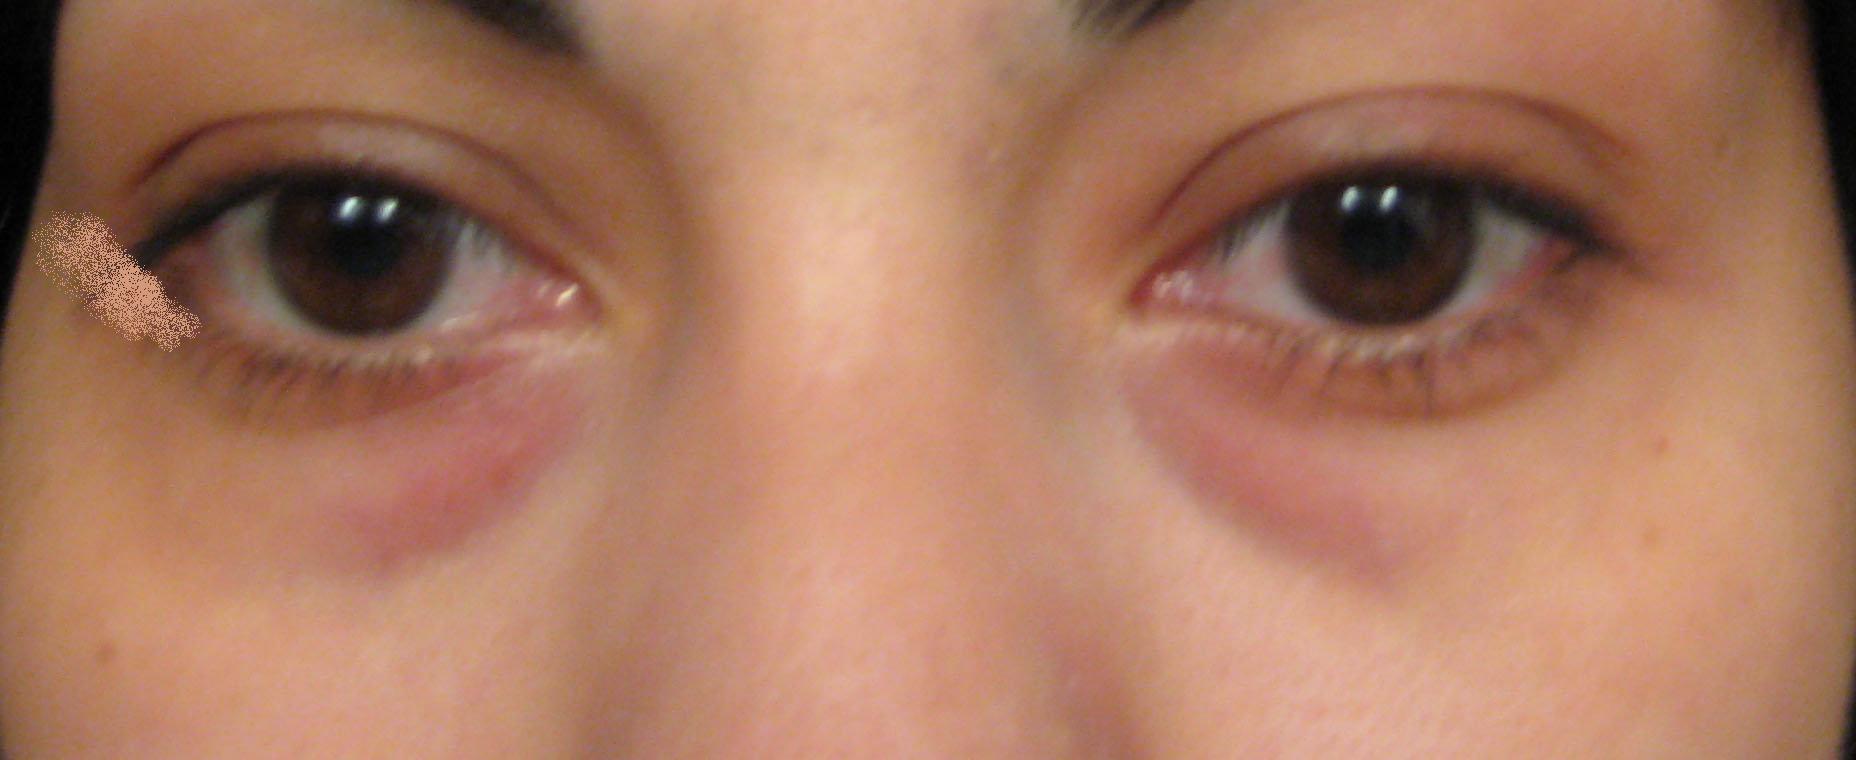 Часто чрезмерное скопление жидкости свидетельствует о патологии в области почек.